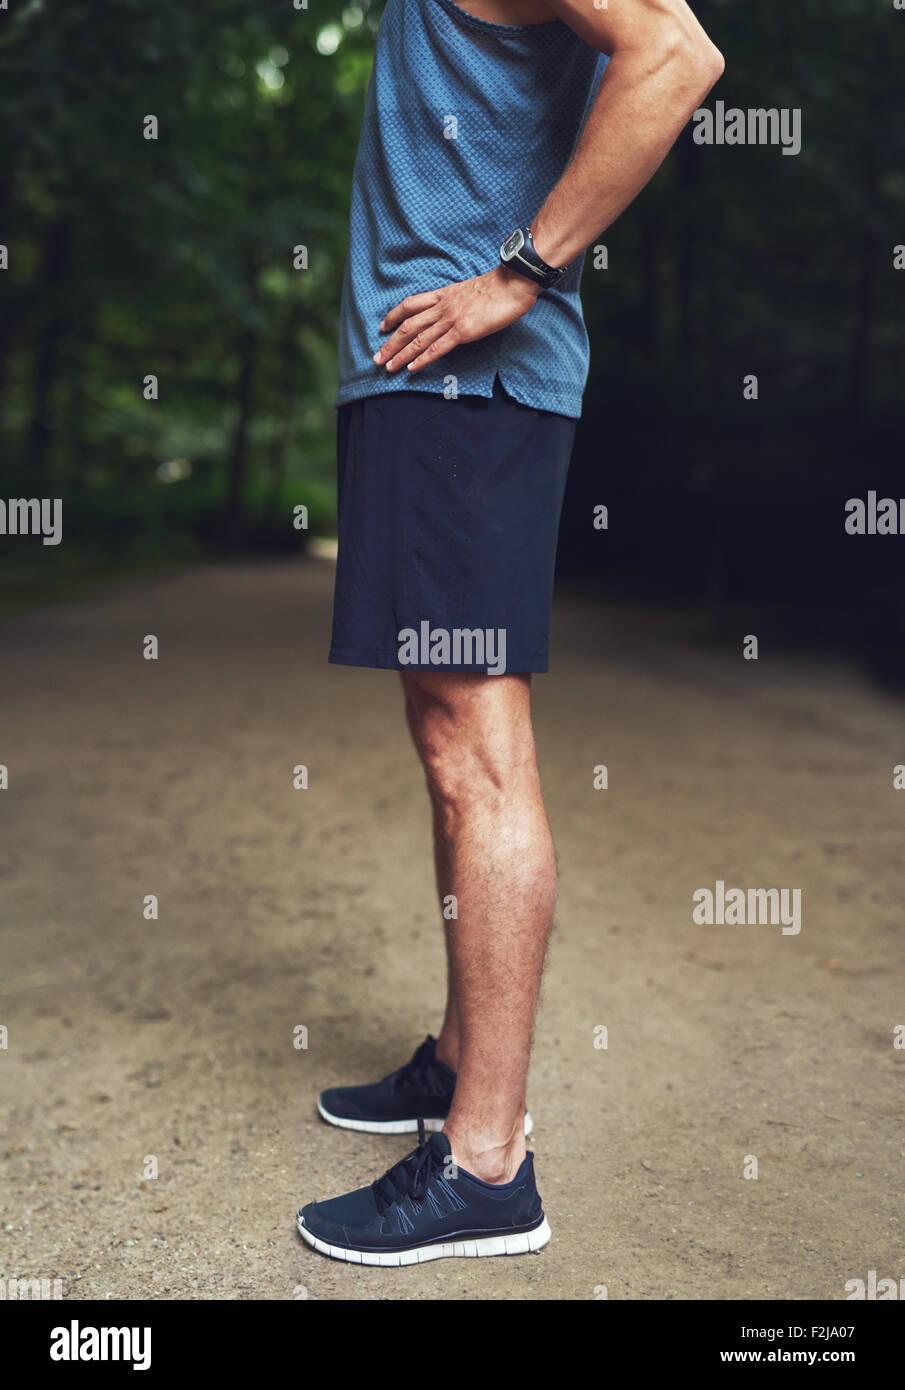 Descabezados Shot de un joven atlético en vista lateral, de pie en el parque con la mano en la cintura. Foto de stock